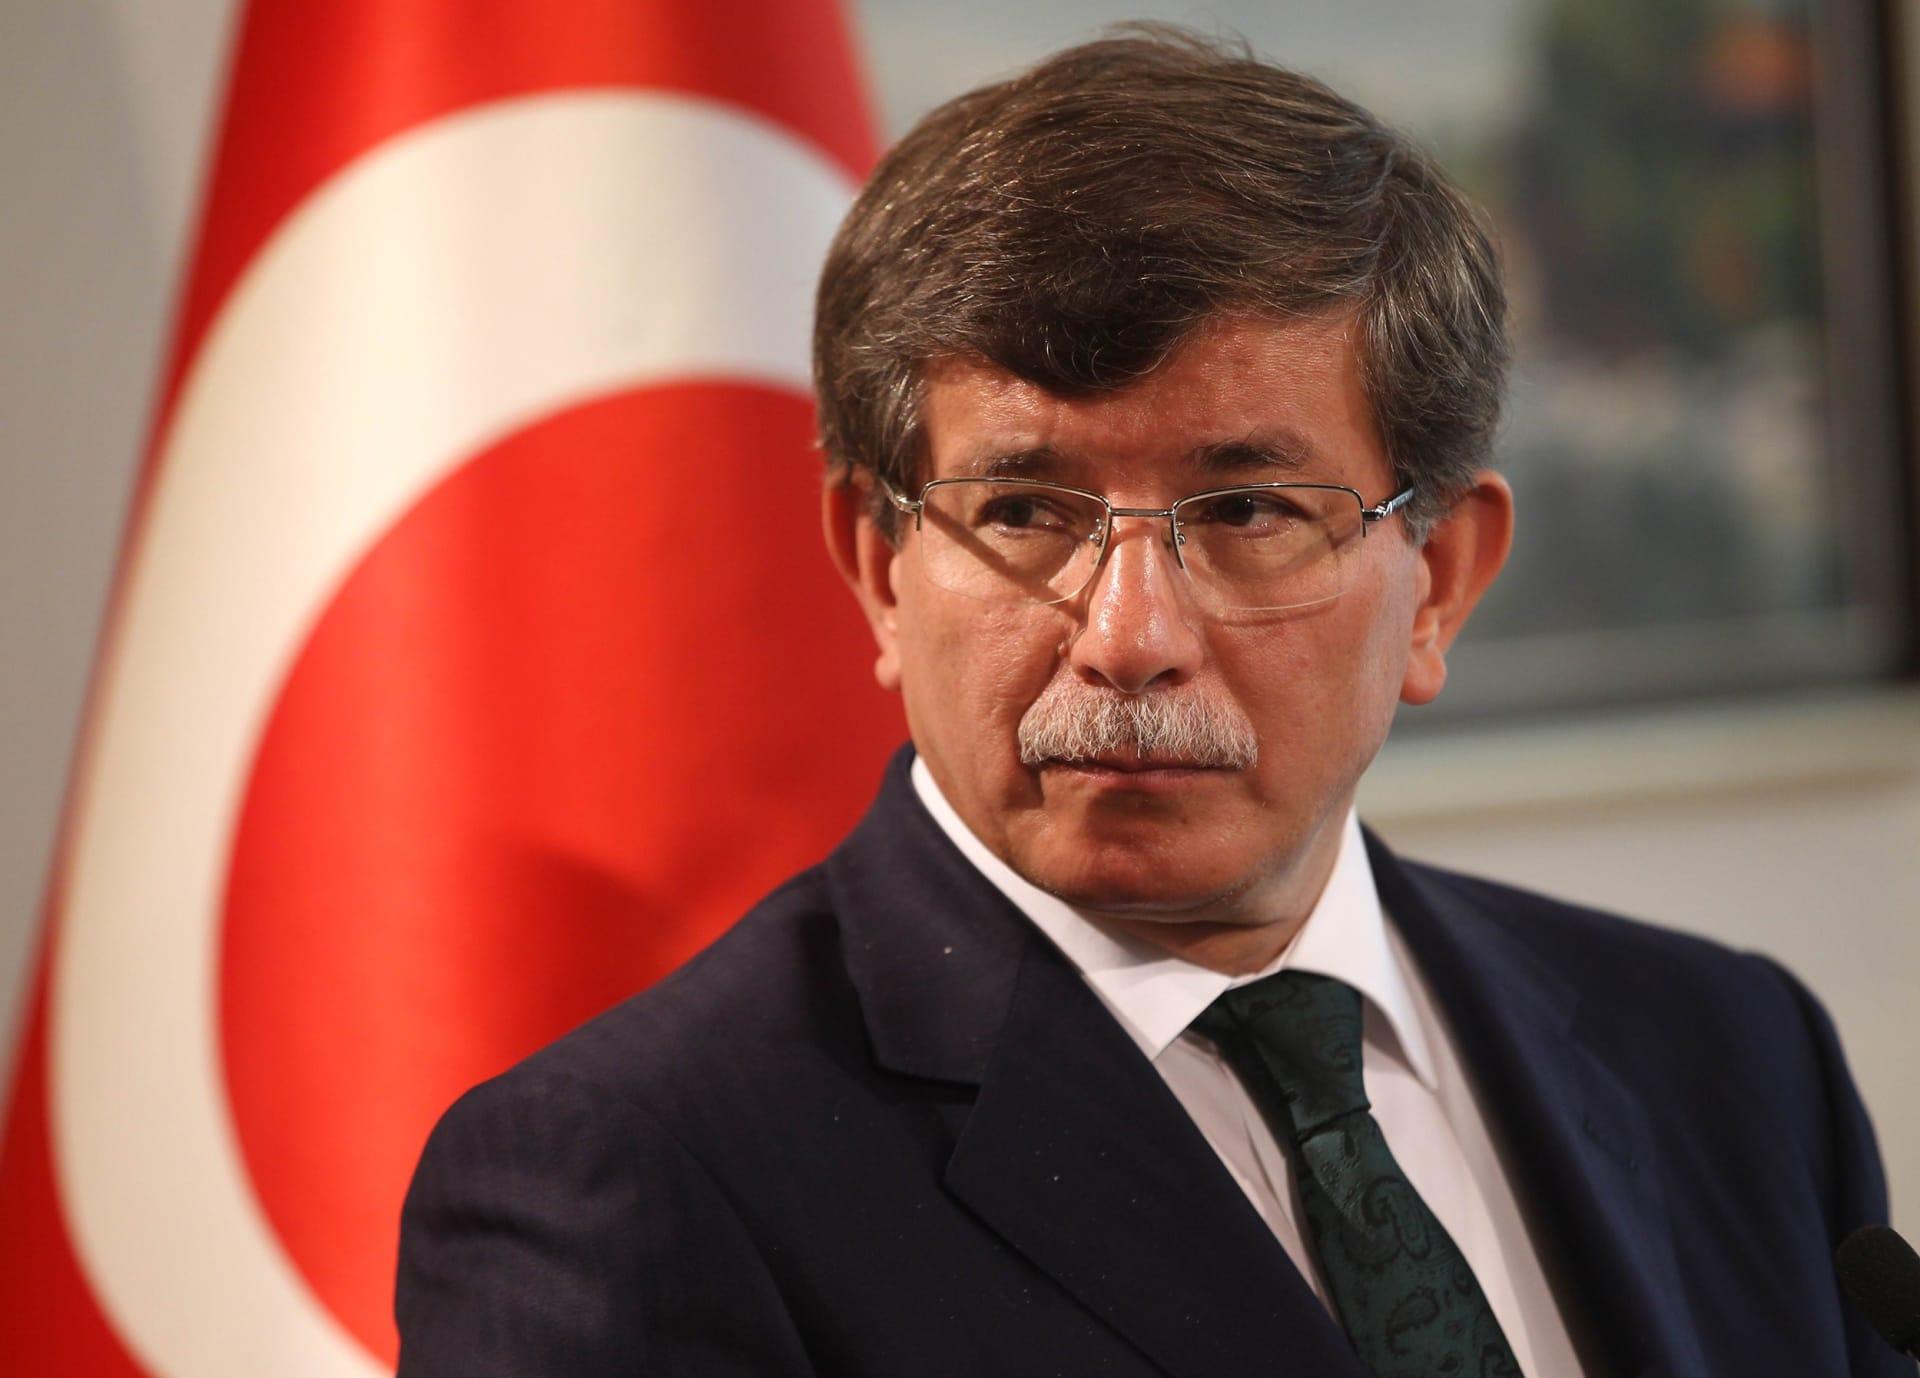 أوغلو: صالح نجار نفذ تفجير أنقرة.. وسنستمر بالانتقام من وحدات حماية الشعب الكردية الإرهابية بشمال سوريا